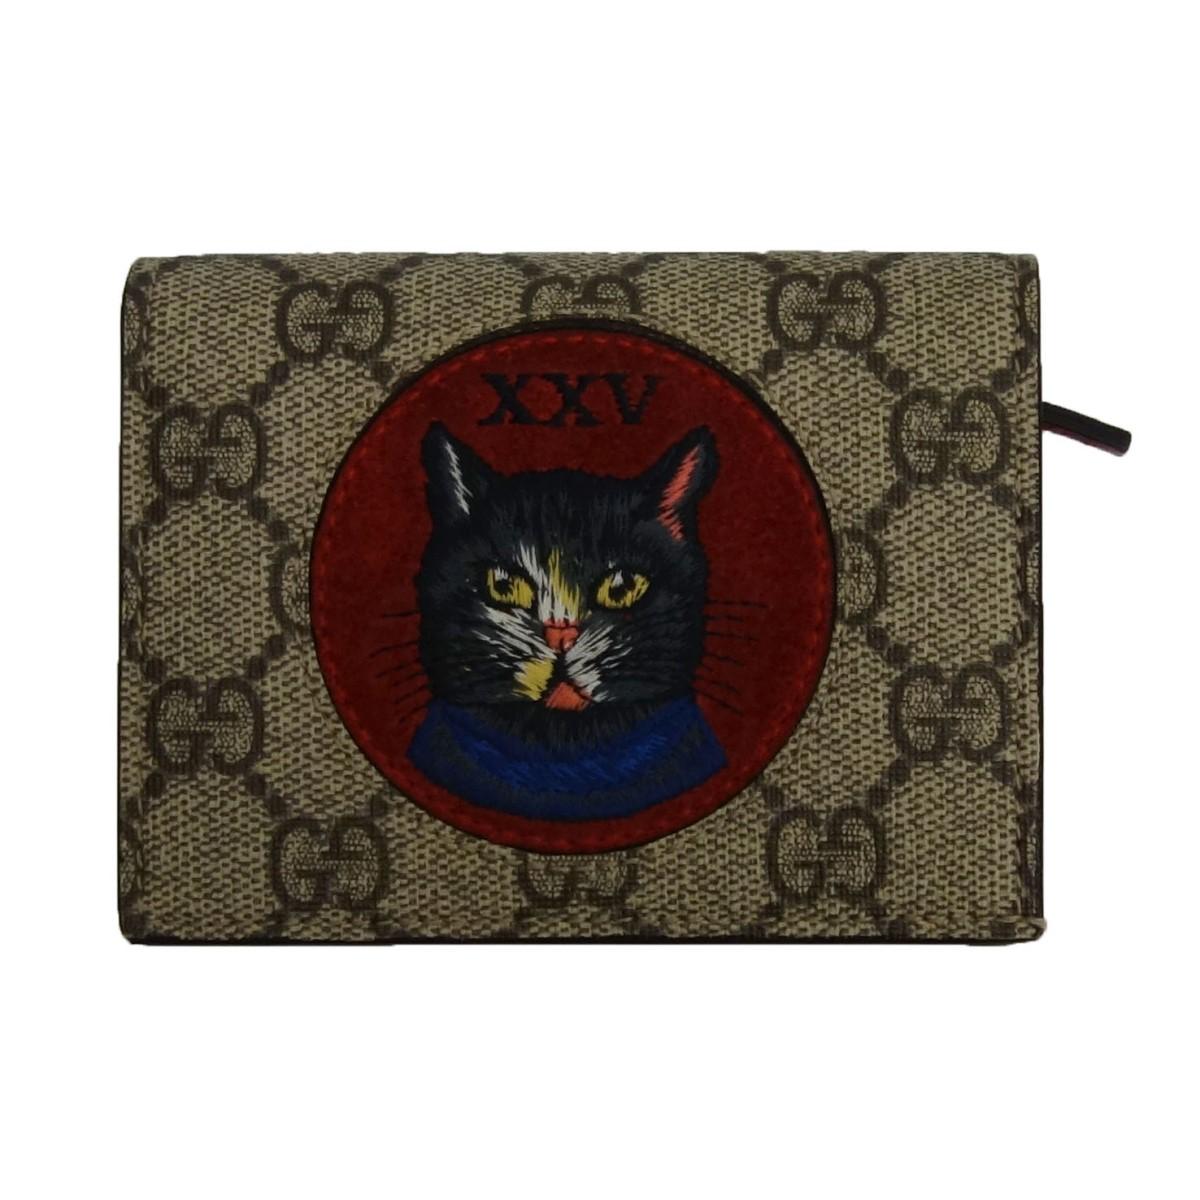 【中古】GUCCI ミスティックキャットコインケース 財布 ブラウン×レッド 【170420】(グッチ)